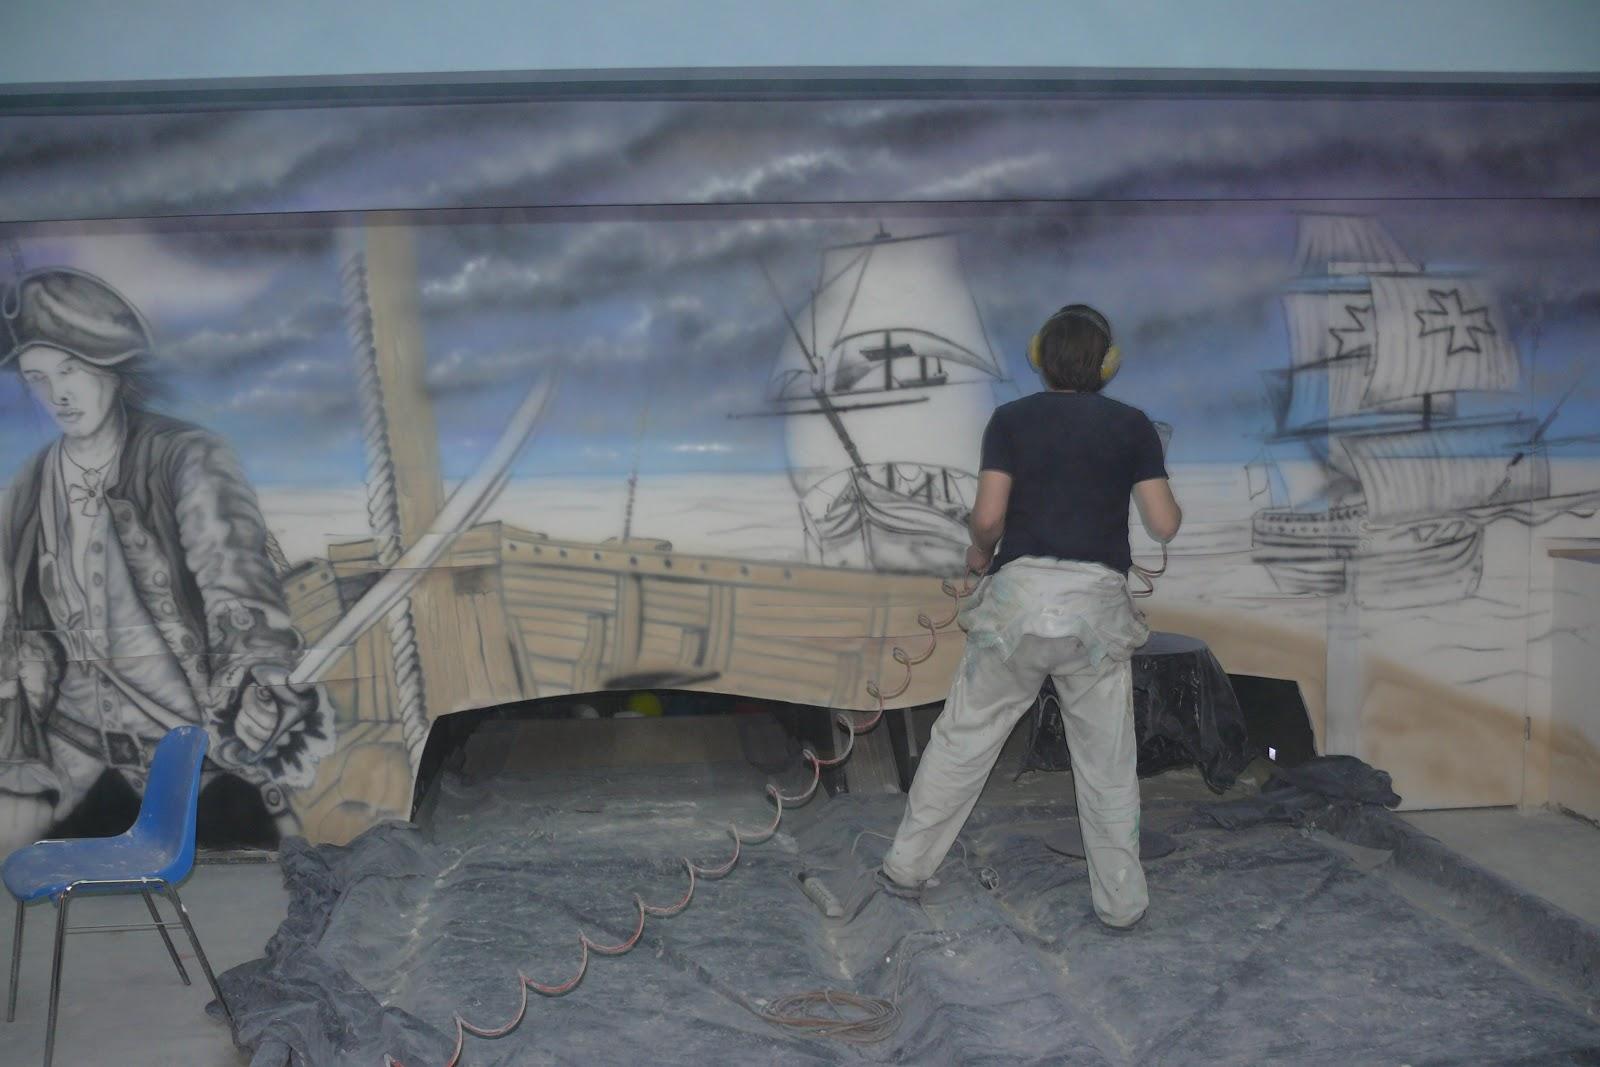 Artystyczne Malowanie ścian 3d Malowanie Kręgielni Farbami Uv